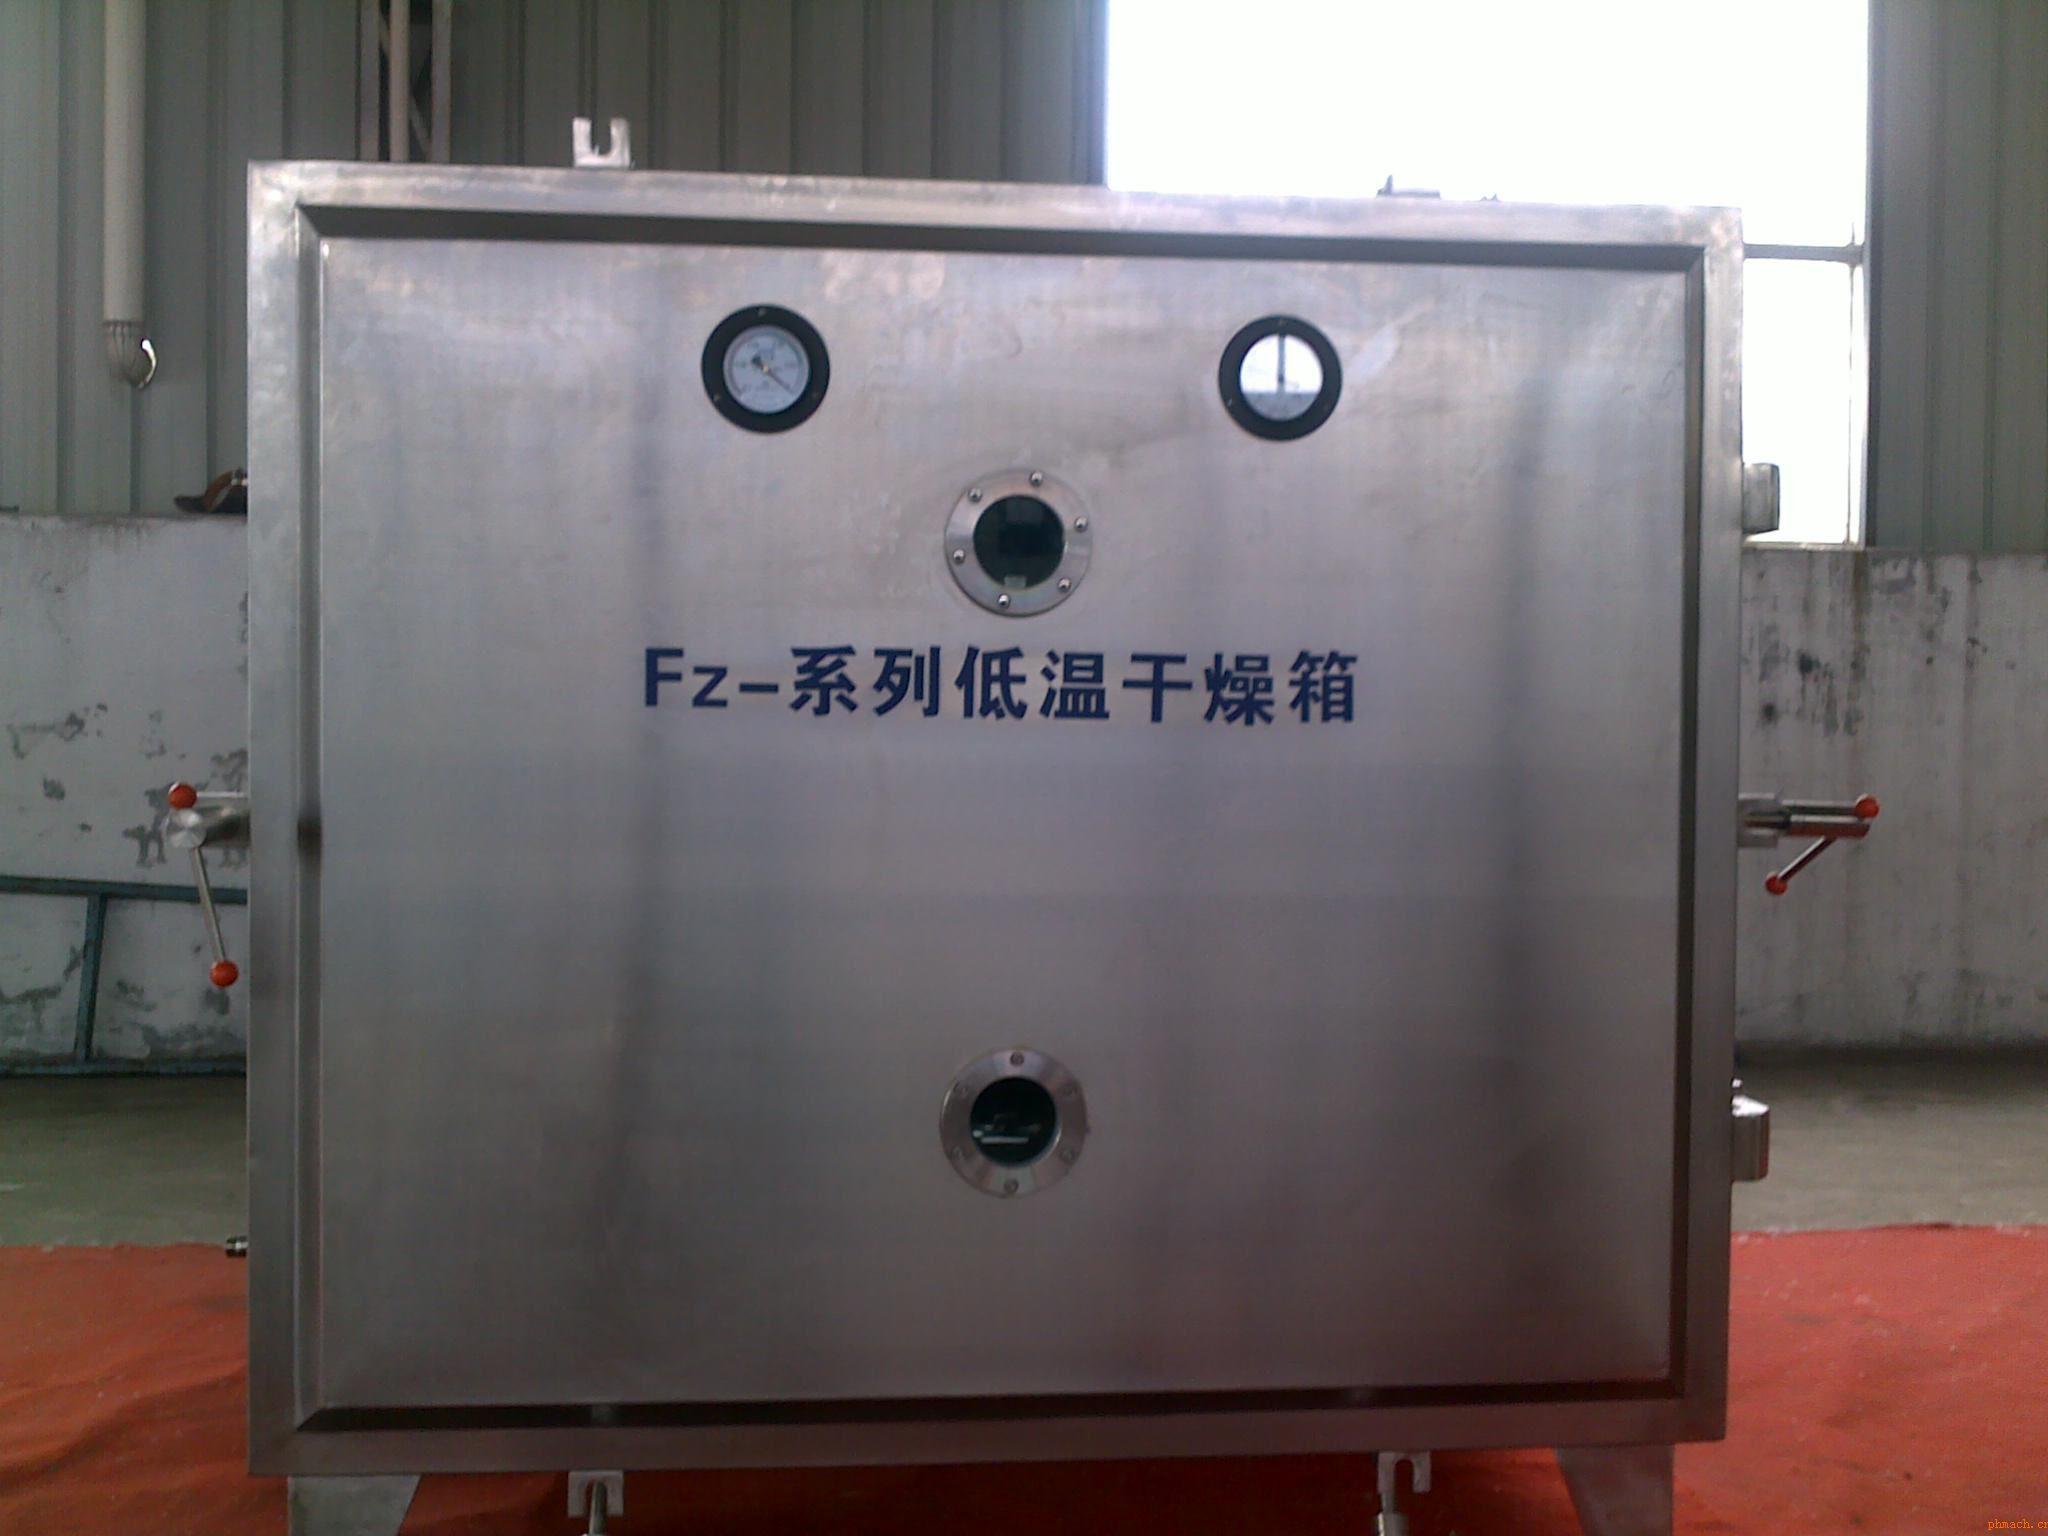 本机能在较低温度下得到较高的干燥速率,热量利用充分,主要适用于对热敏性物料和含有容剂及需回收溶剂物料的干燥。在干燥前可进行消毒处理,干燥过程中任何不纯物无混入,本干燥器属于静态真空干燥器,故干燥物料的形成不会损坏。加热方式有:蒸汽、热水、导热油、电热。